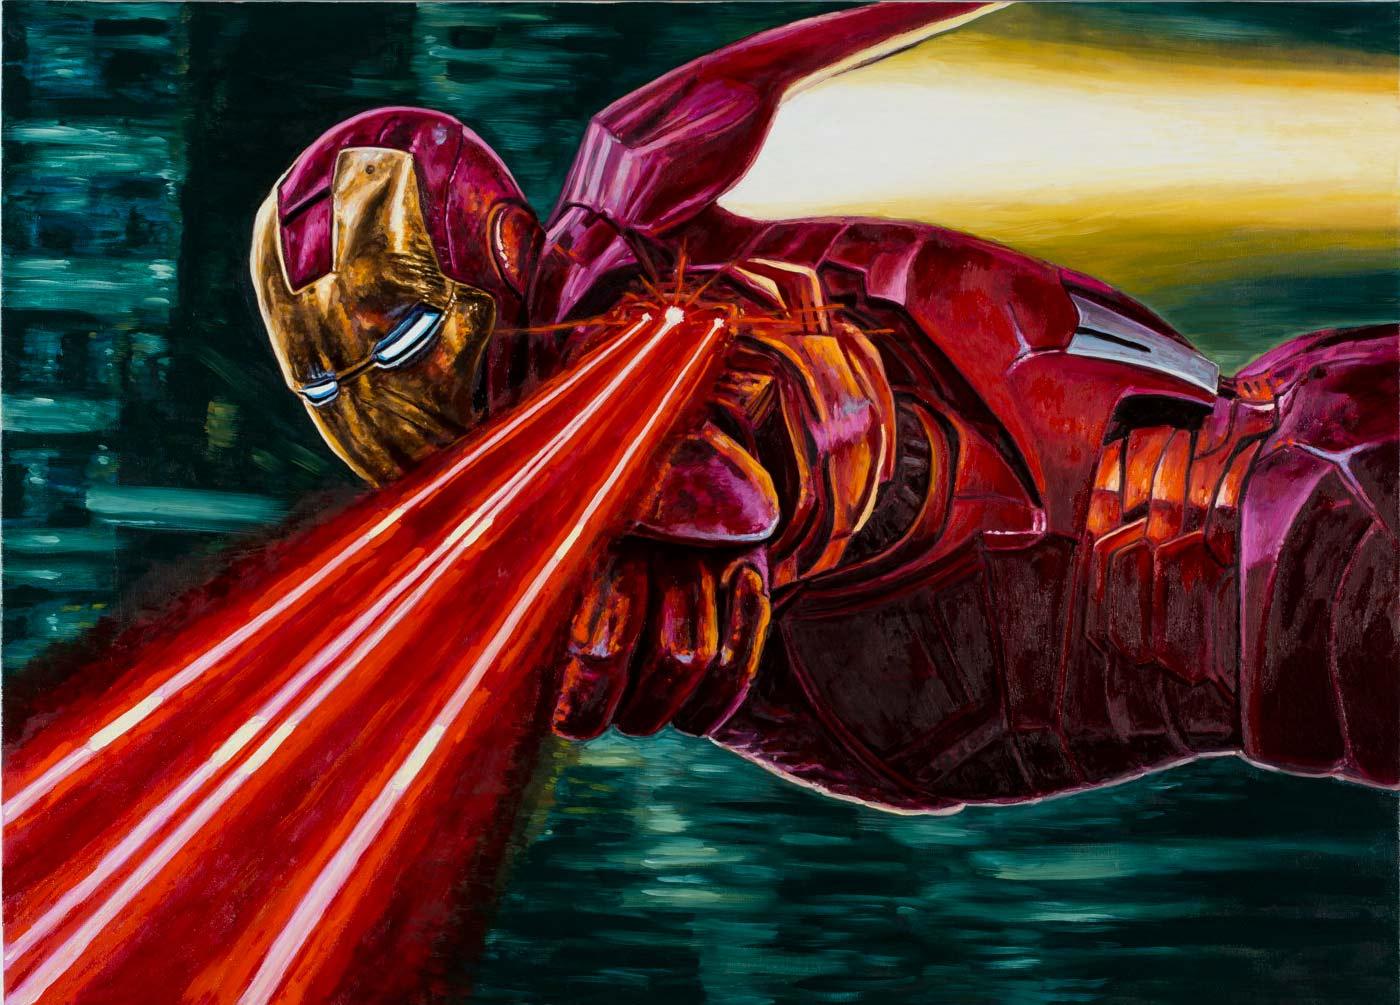 L'Uomo di Ferro in azione per salvare Venezia dalla distruzione dei perfidi Futuristi - Andrea Zucchi